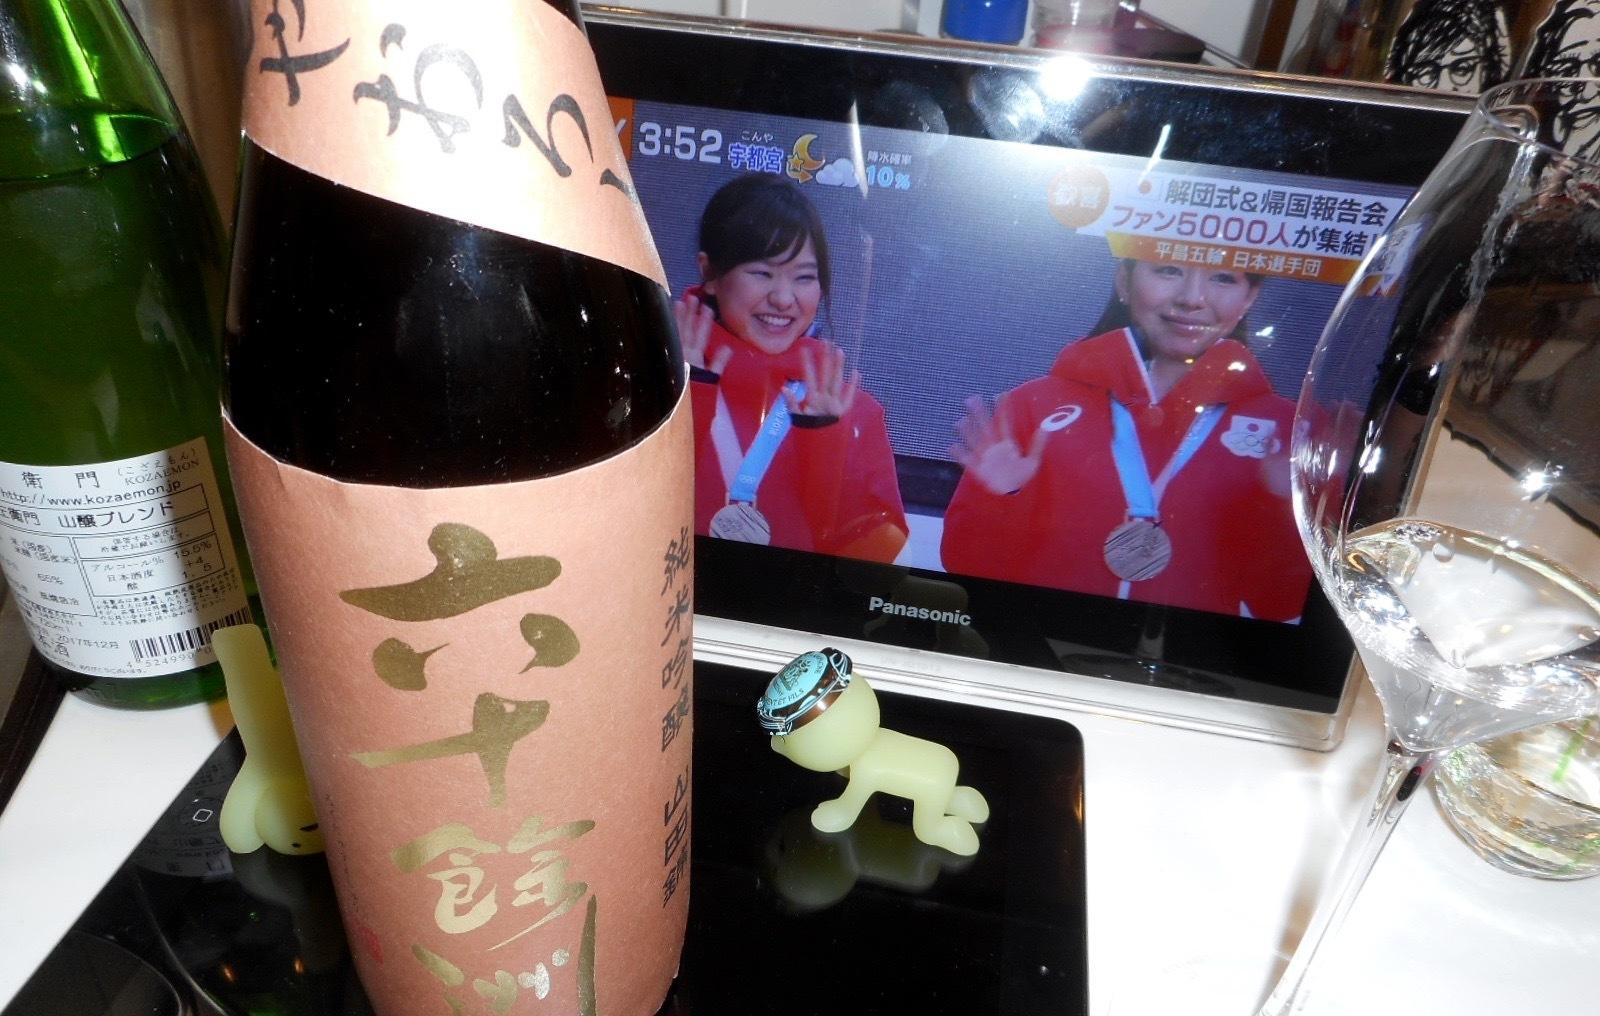 kozaemon_yamajou28by4.jpg